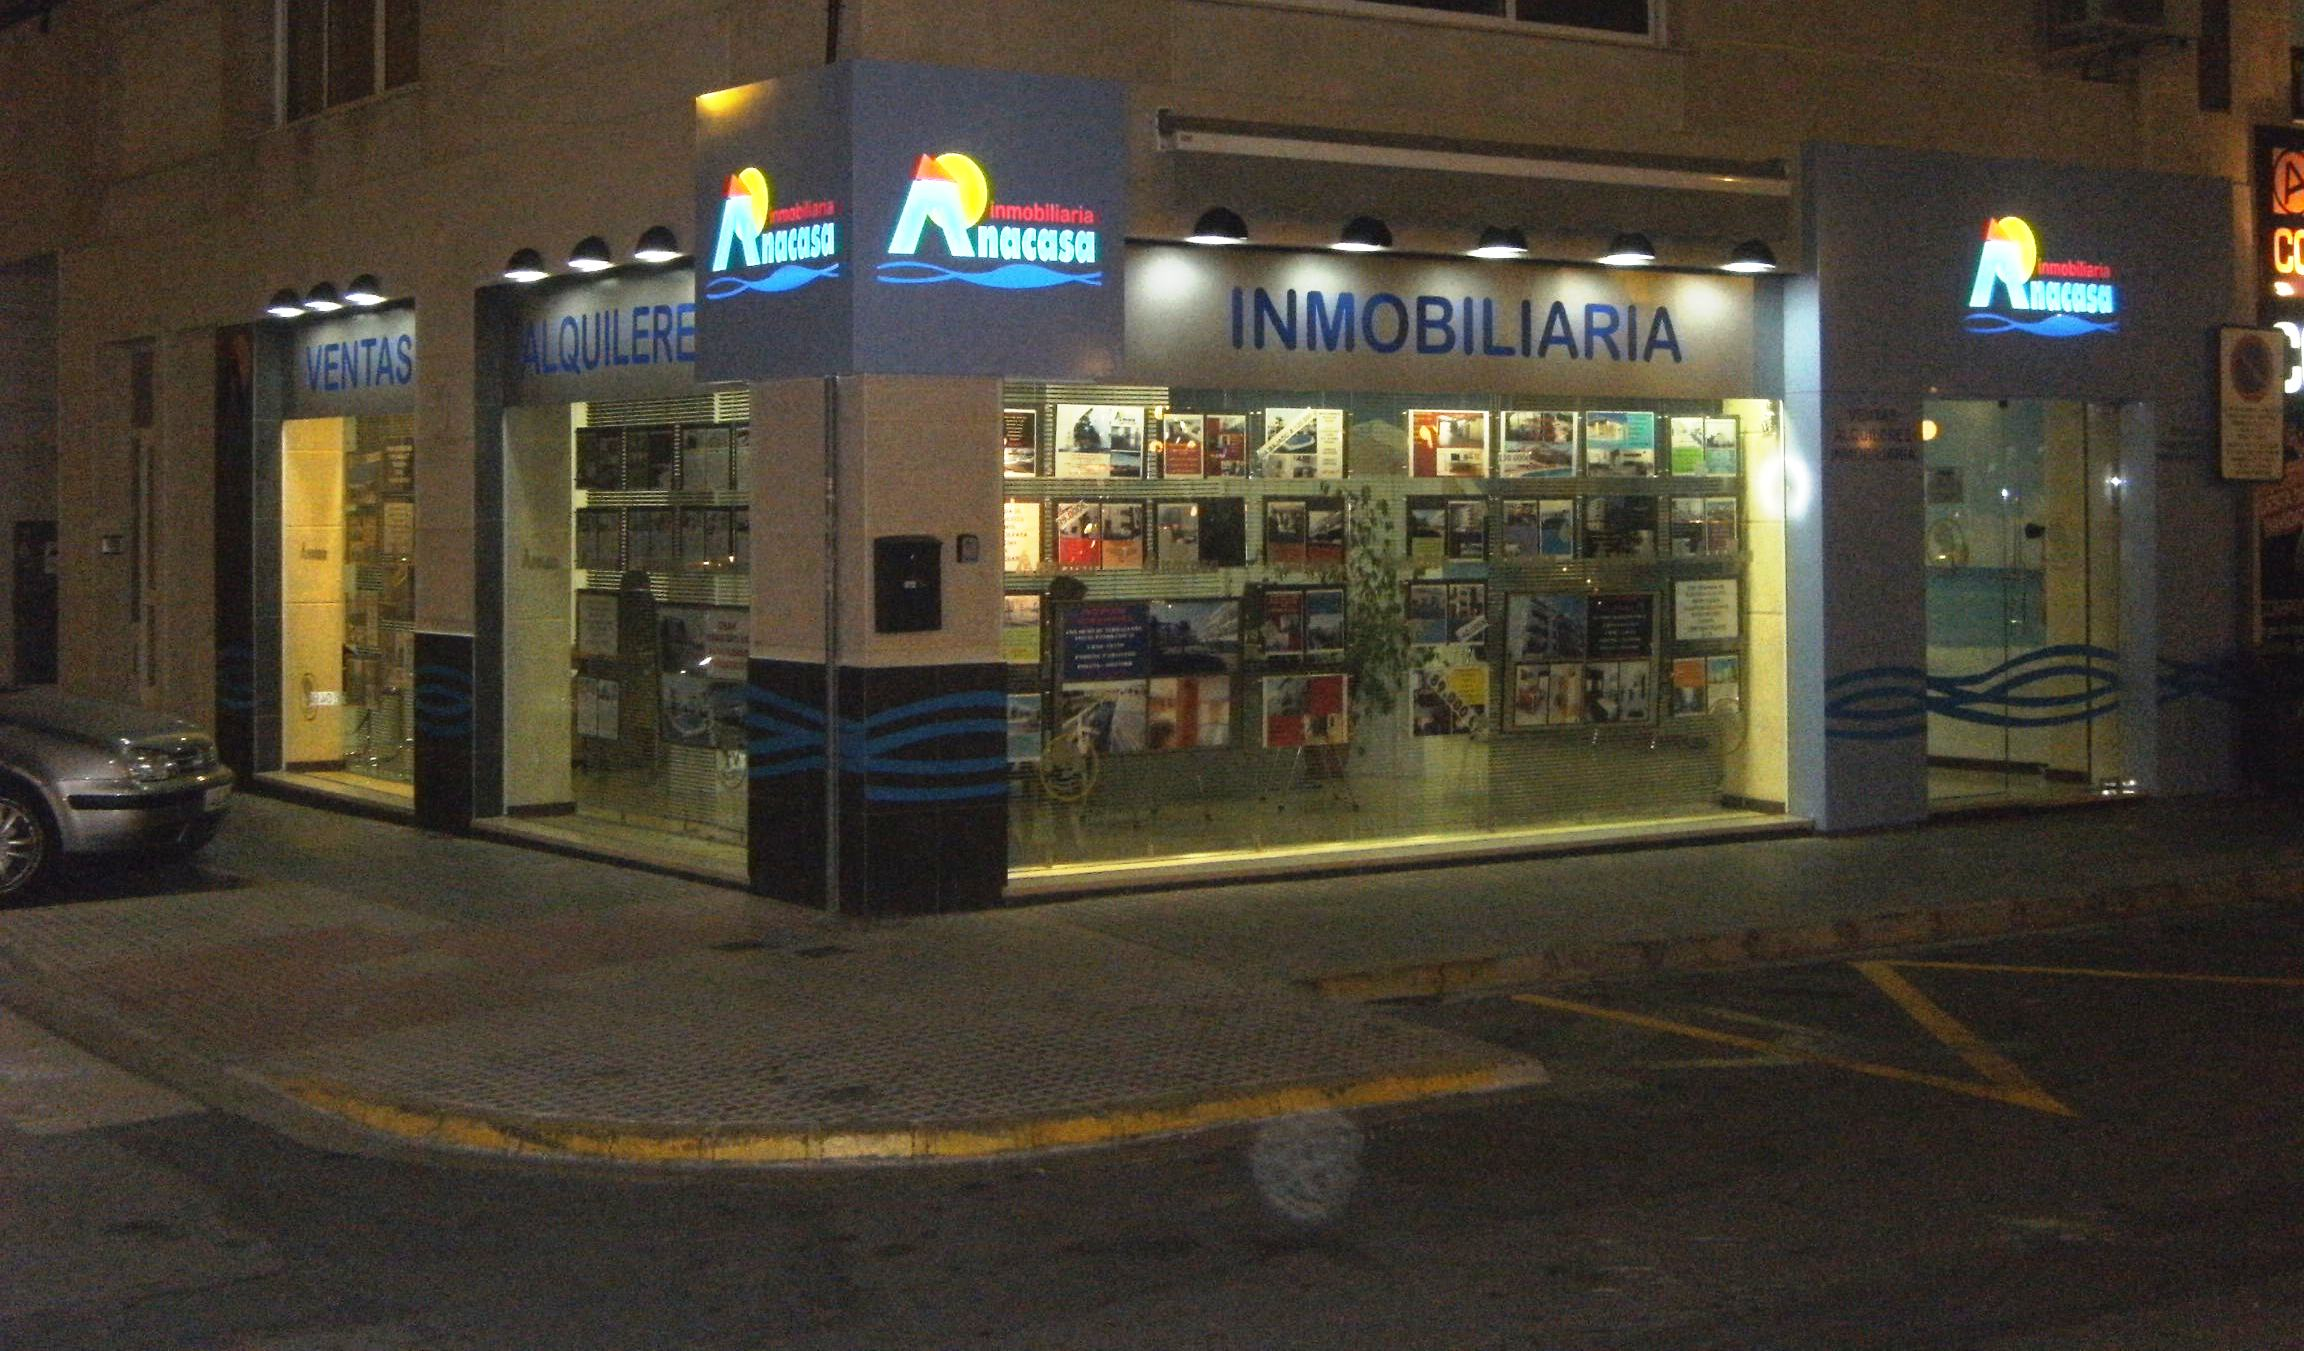 Inmobiliaria Anacasa